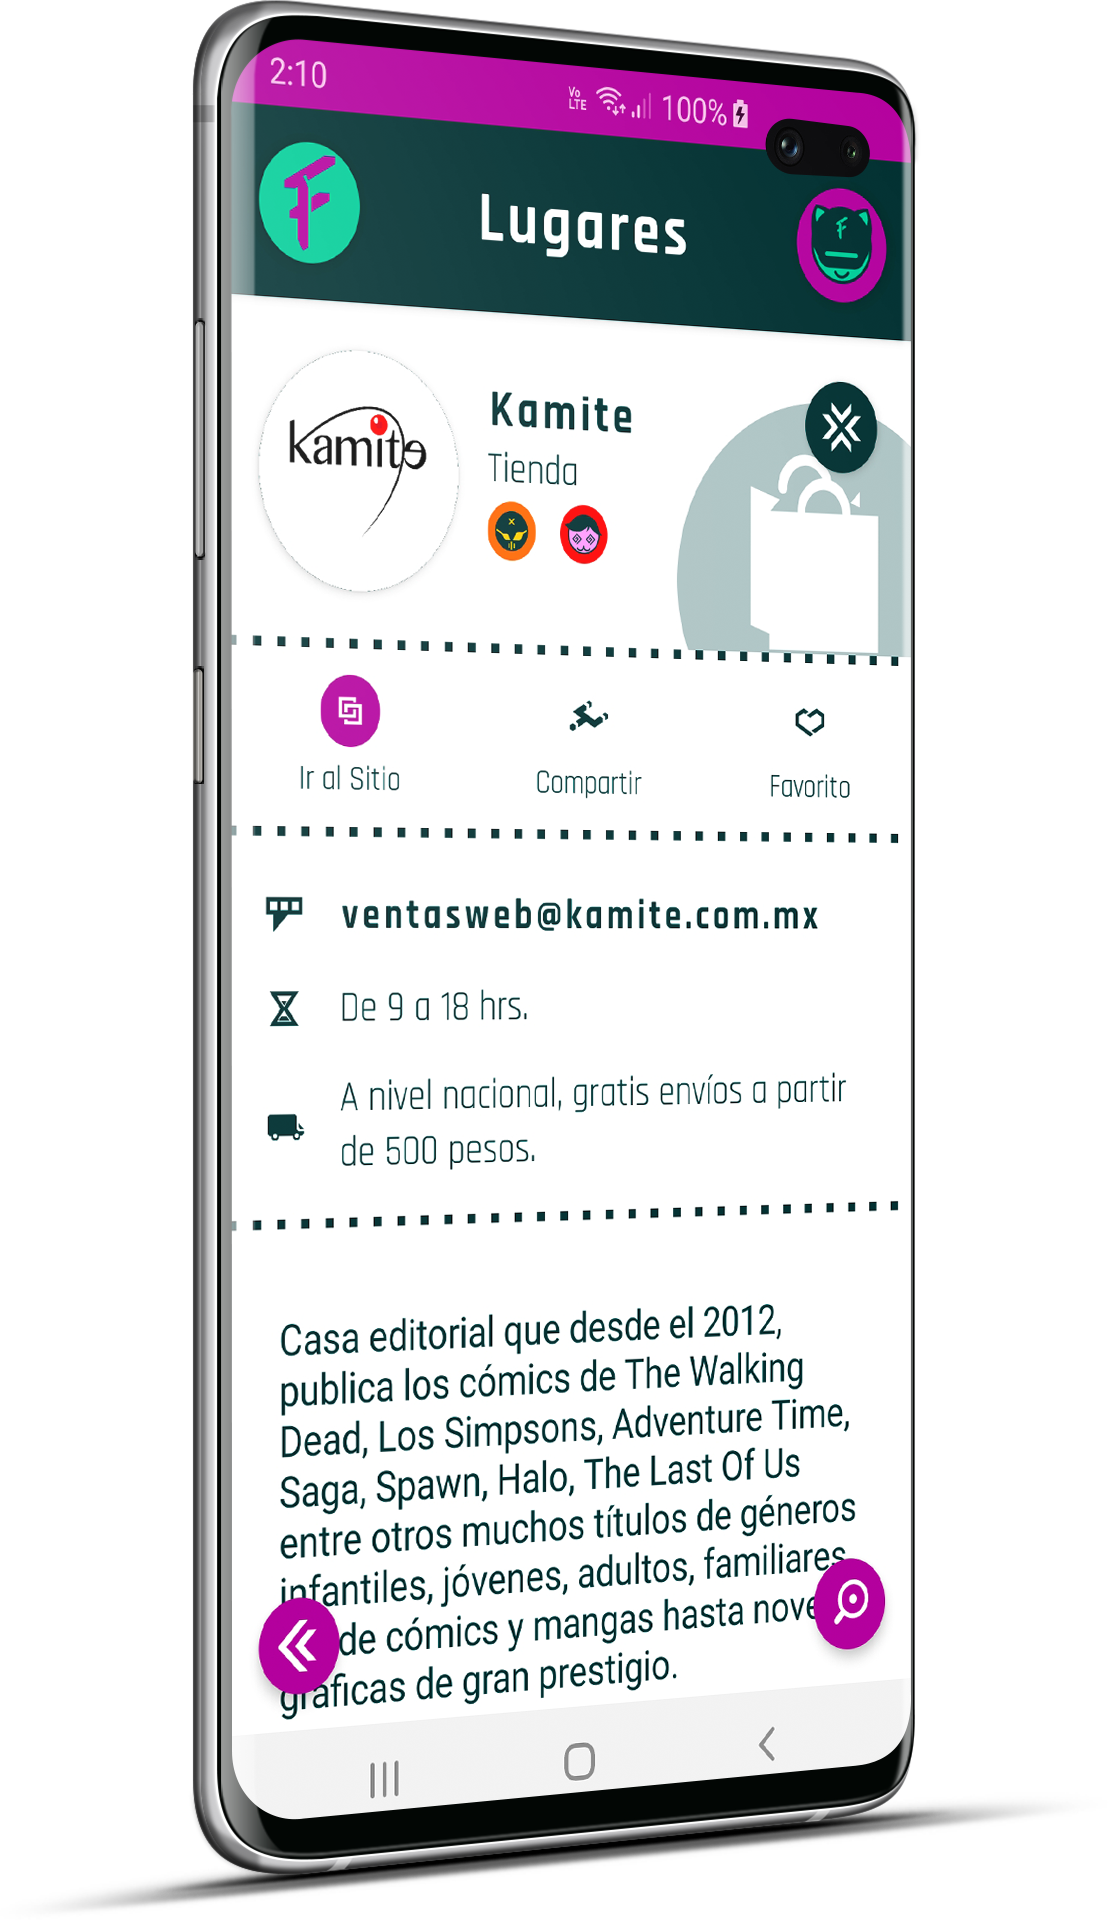 La app Frik-in estará promoviendo Lugares En Línea y Lugares con Servicio a Domicilio